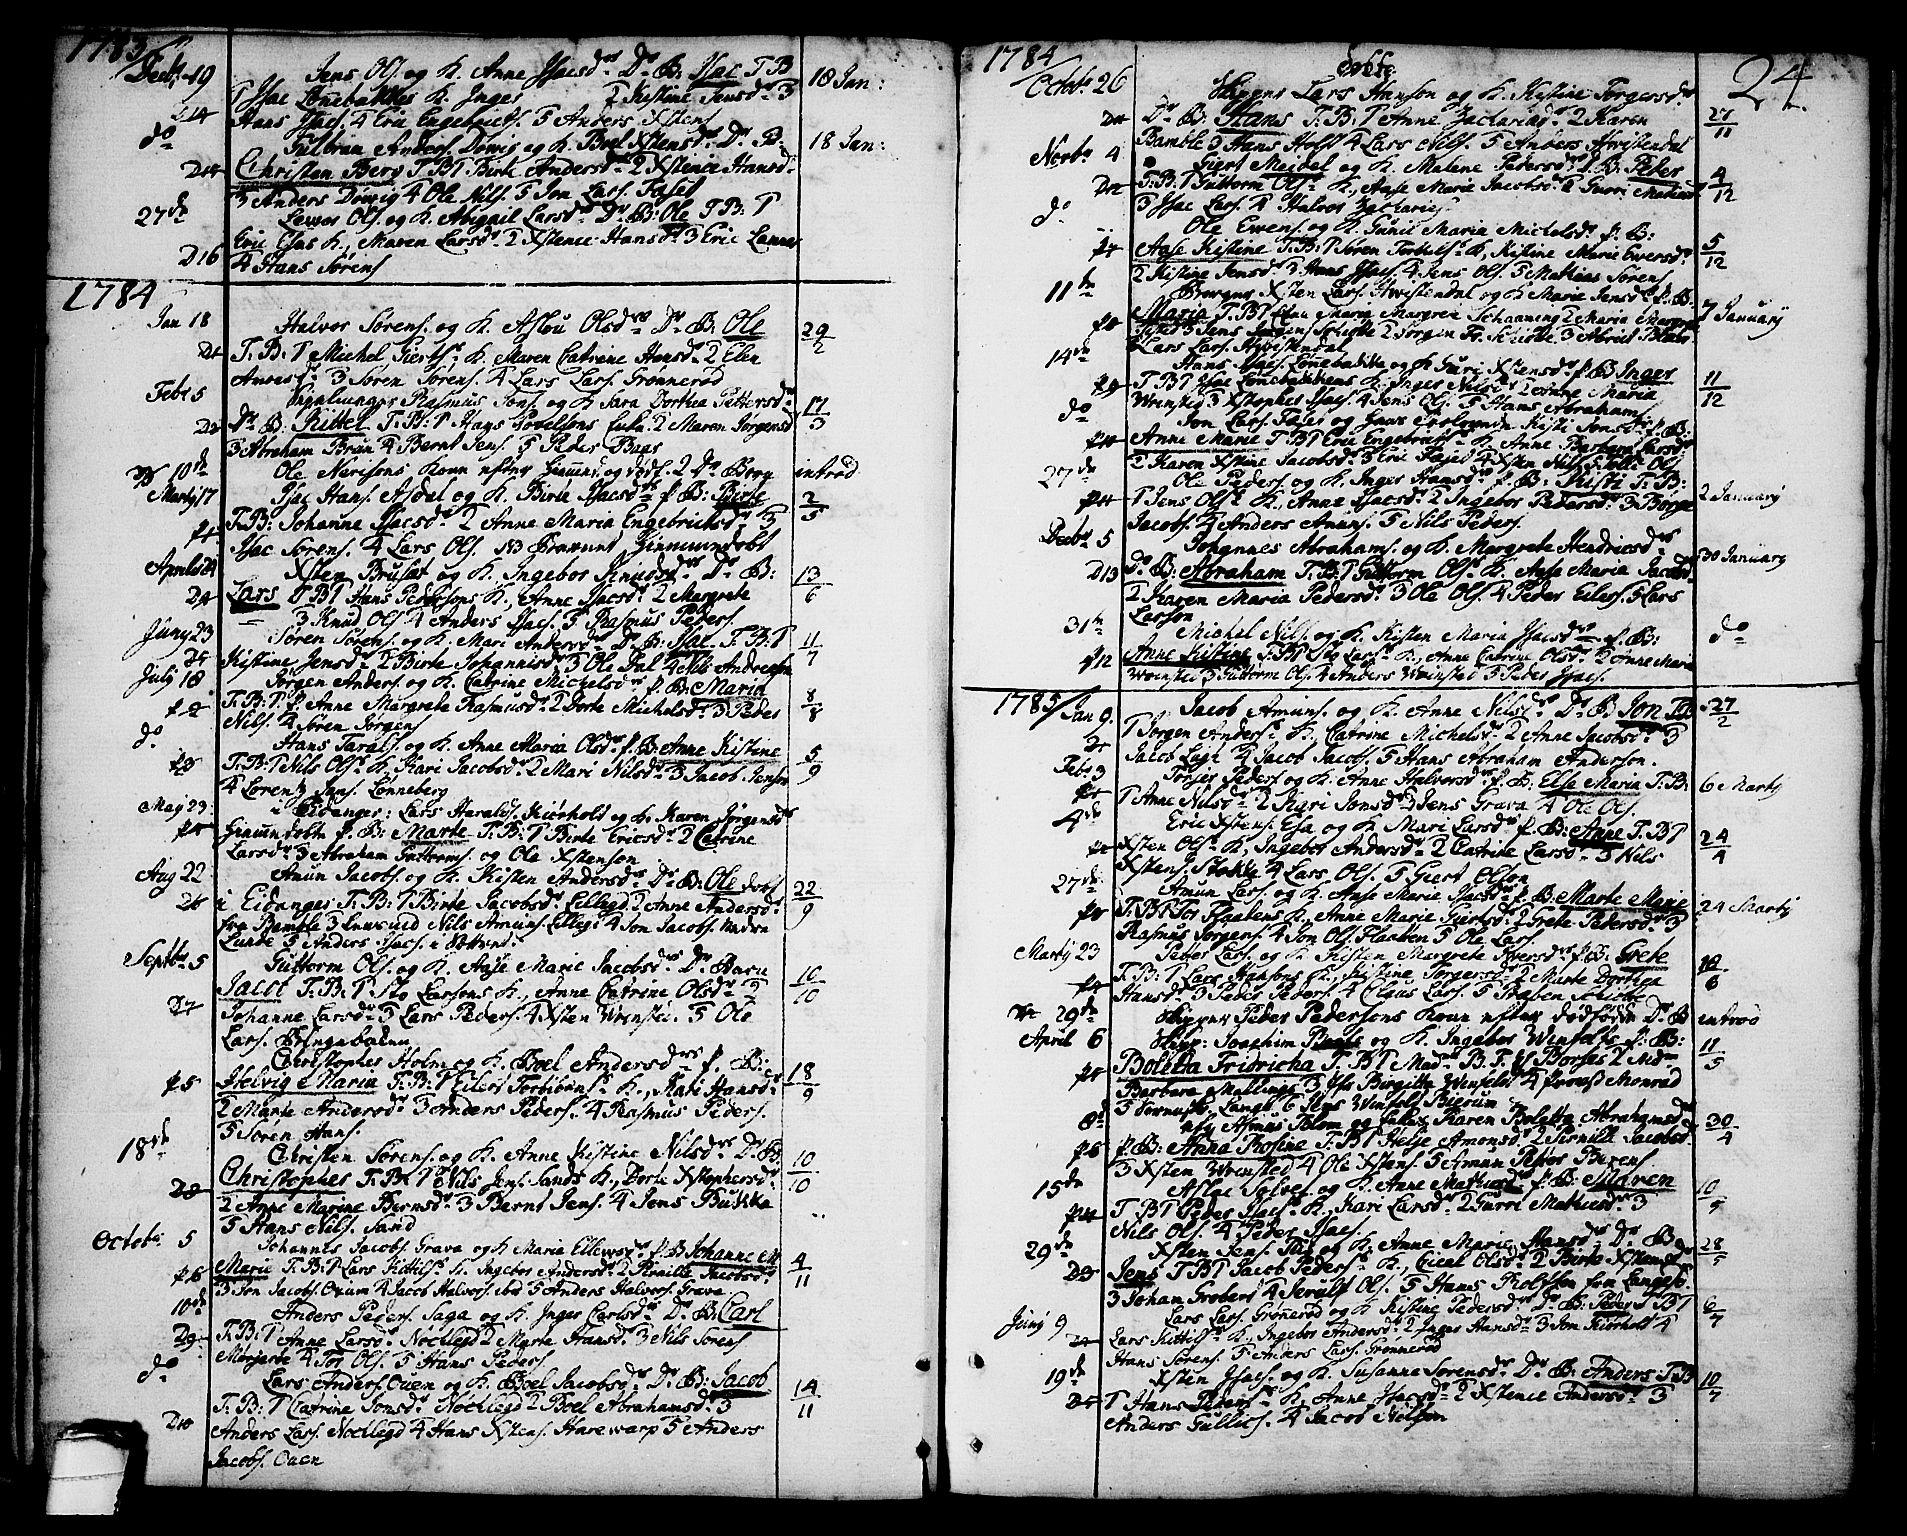 SAKO, Brevik kirkebøker, F/Fa/L0003: Ministerialbok nr. 3, 1764-1814, s. 24